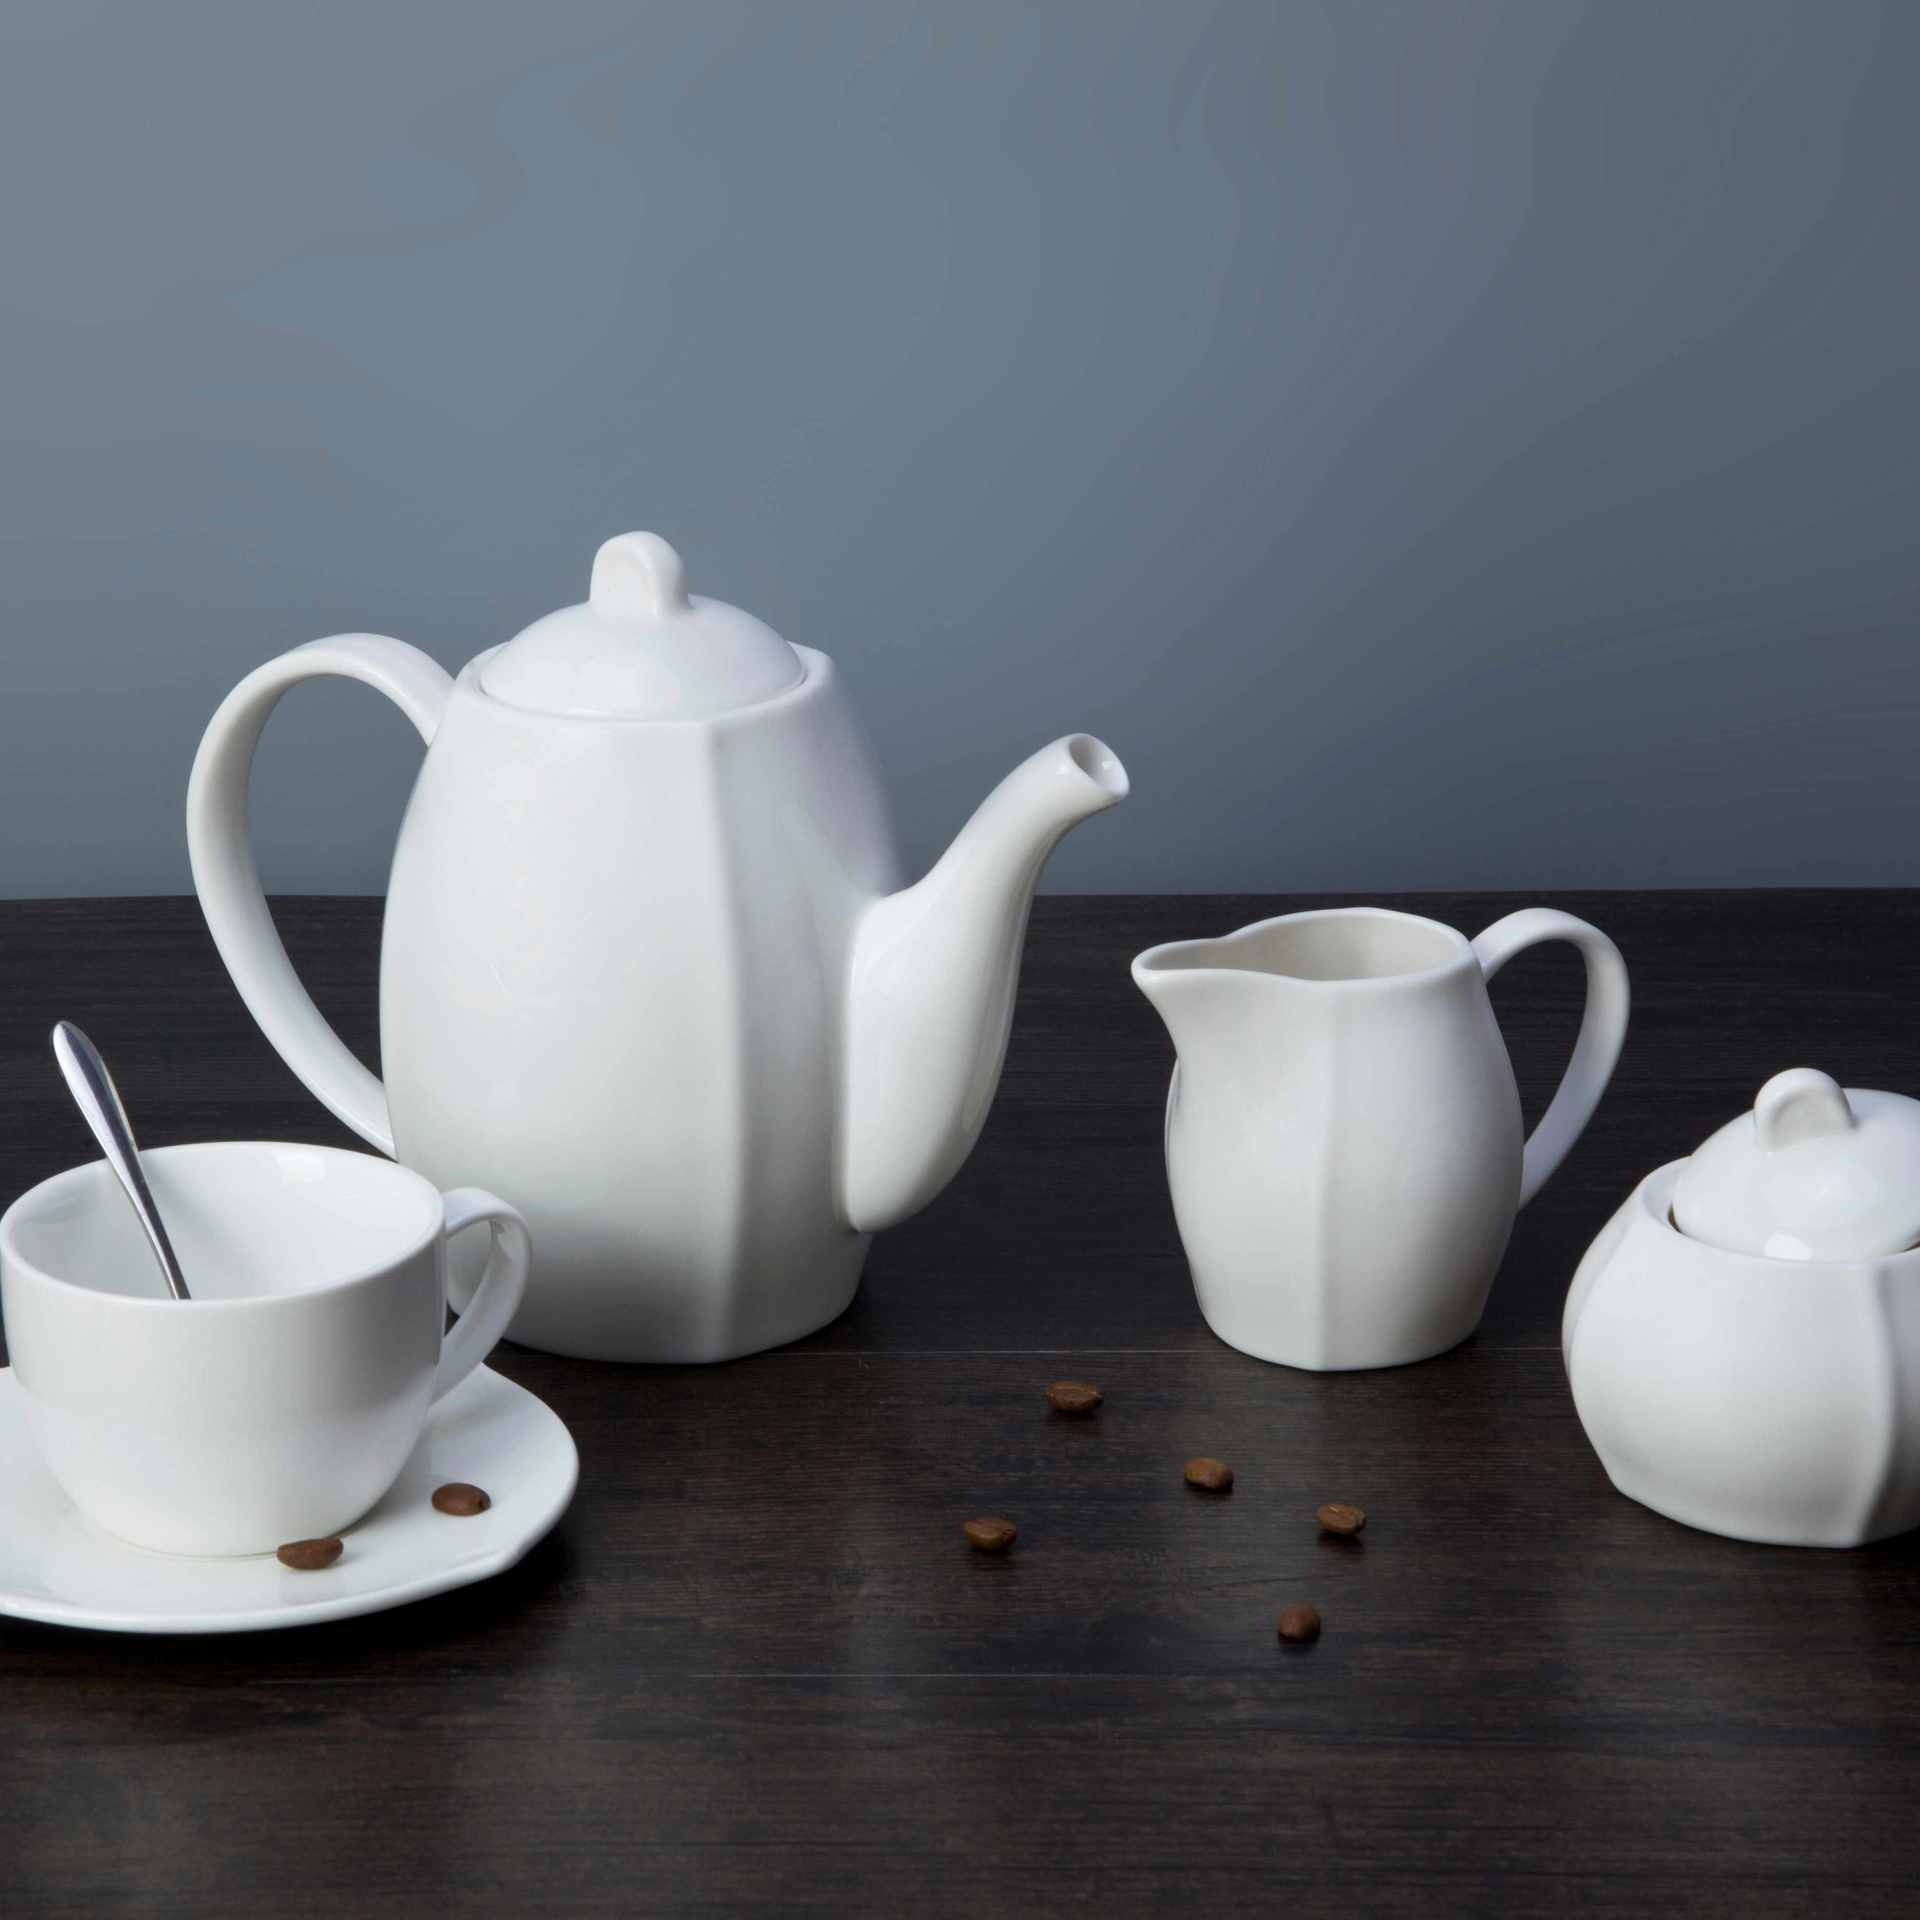 9 piece restaurant modern white porcelain dinnerware - TW25